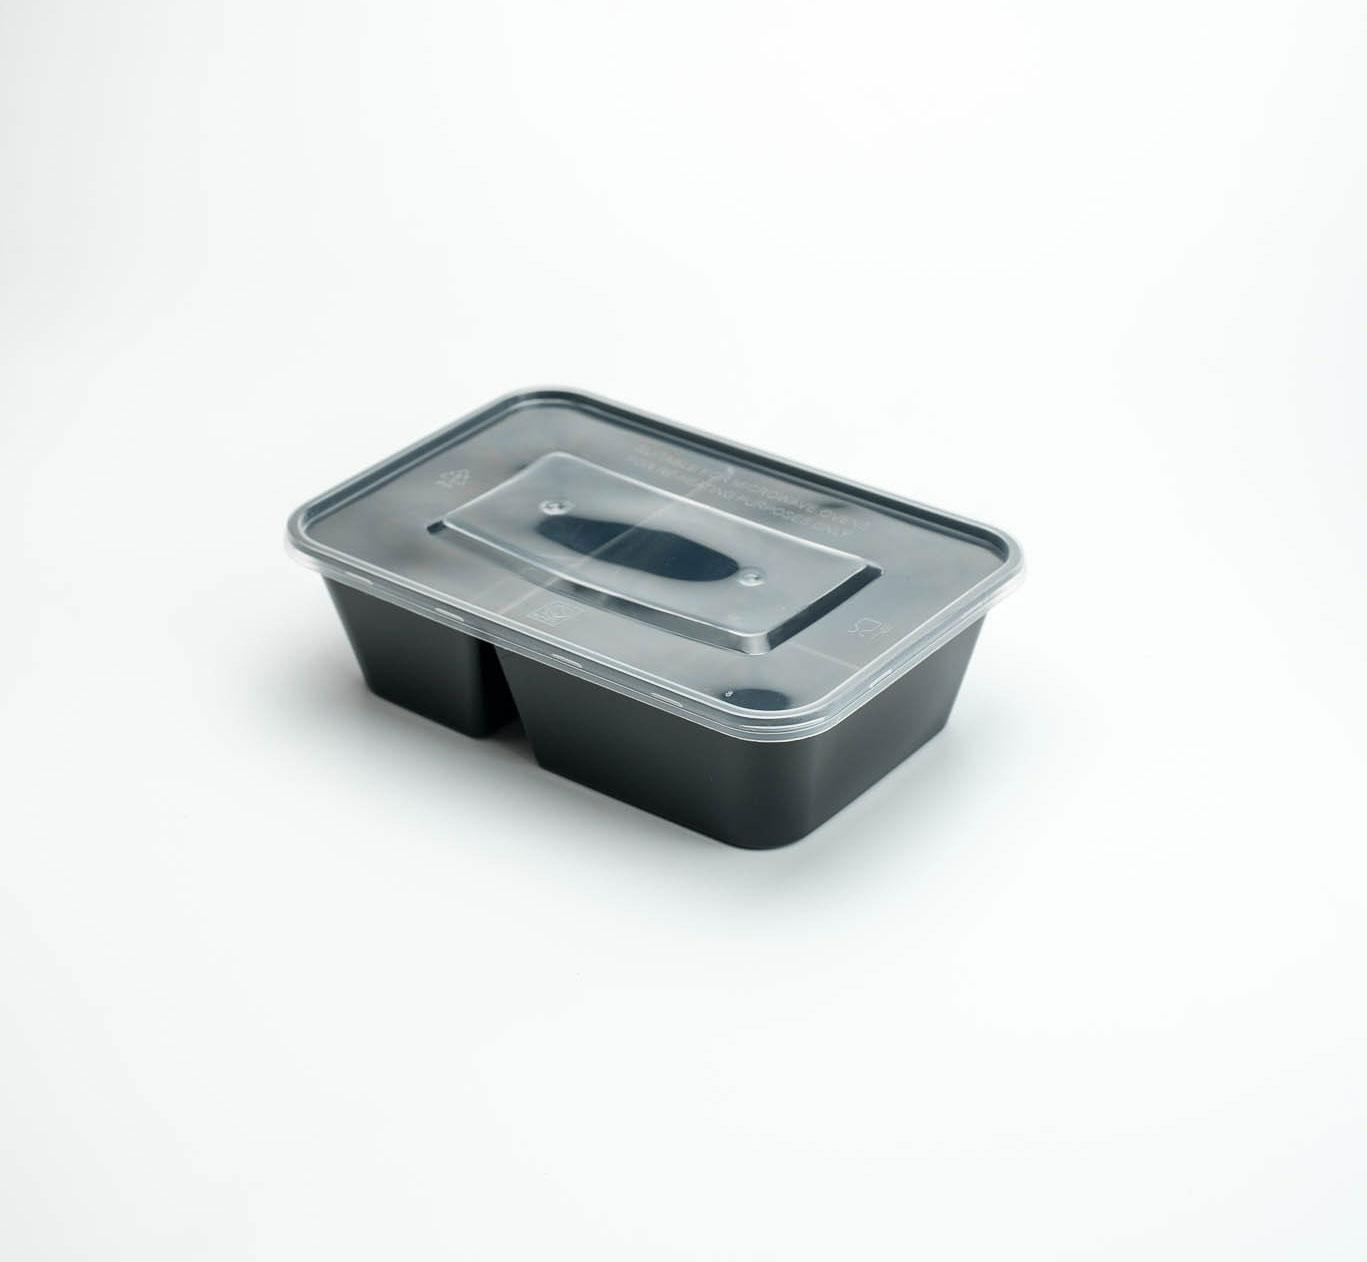 กล่องอาหารพลาสติก 2 ช่อง 650ml